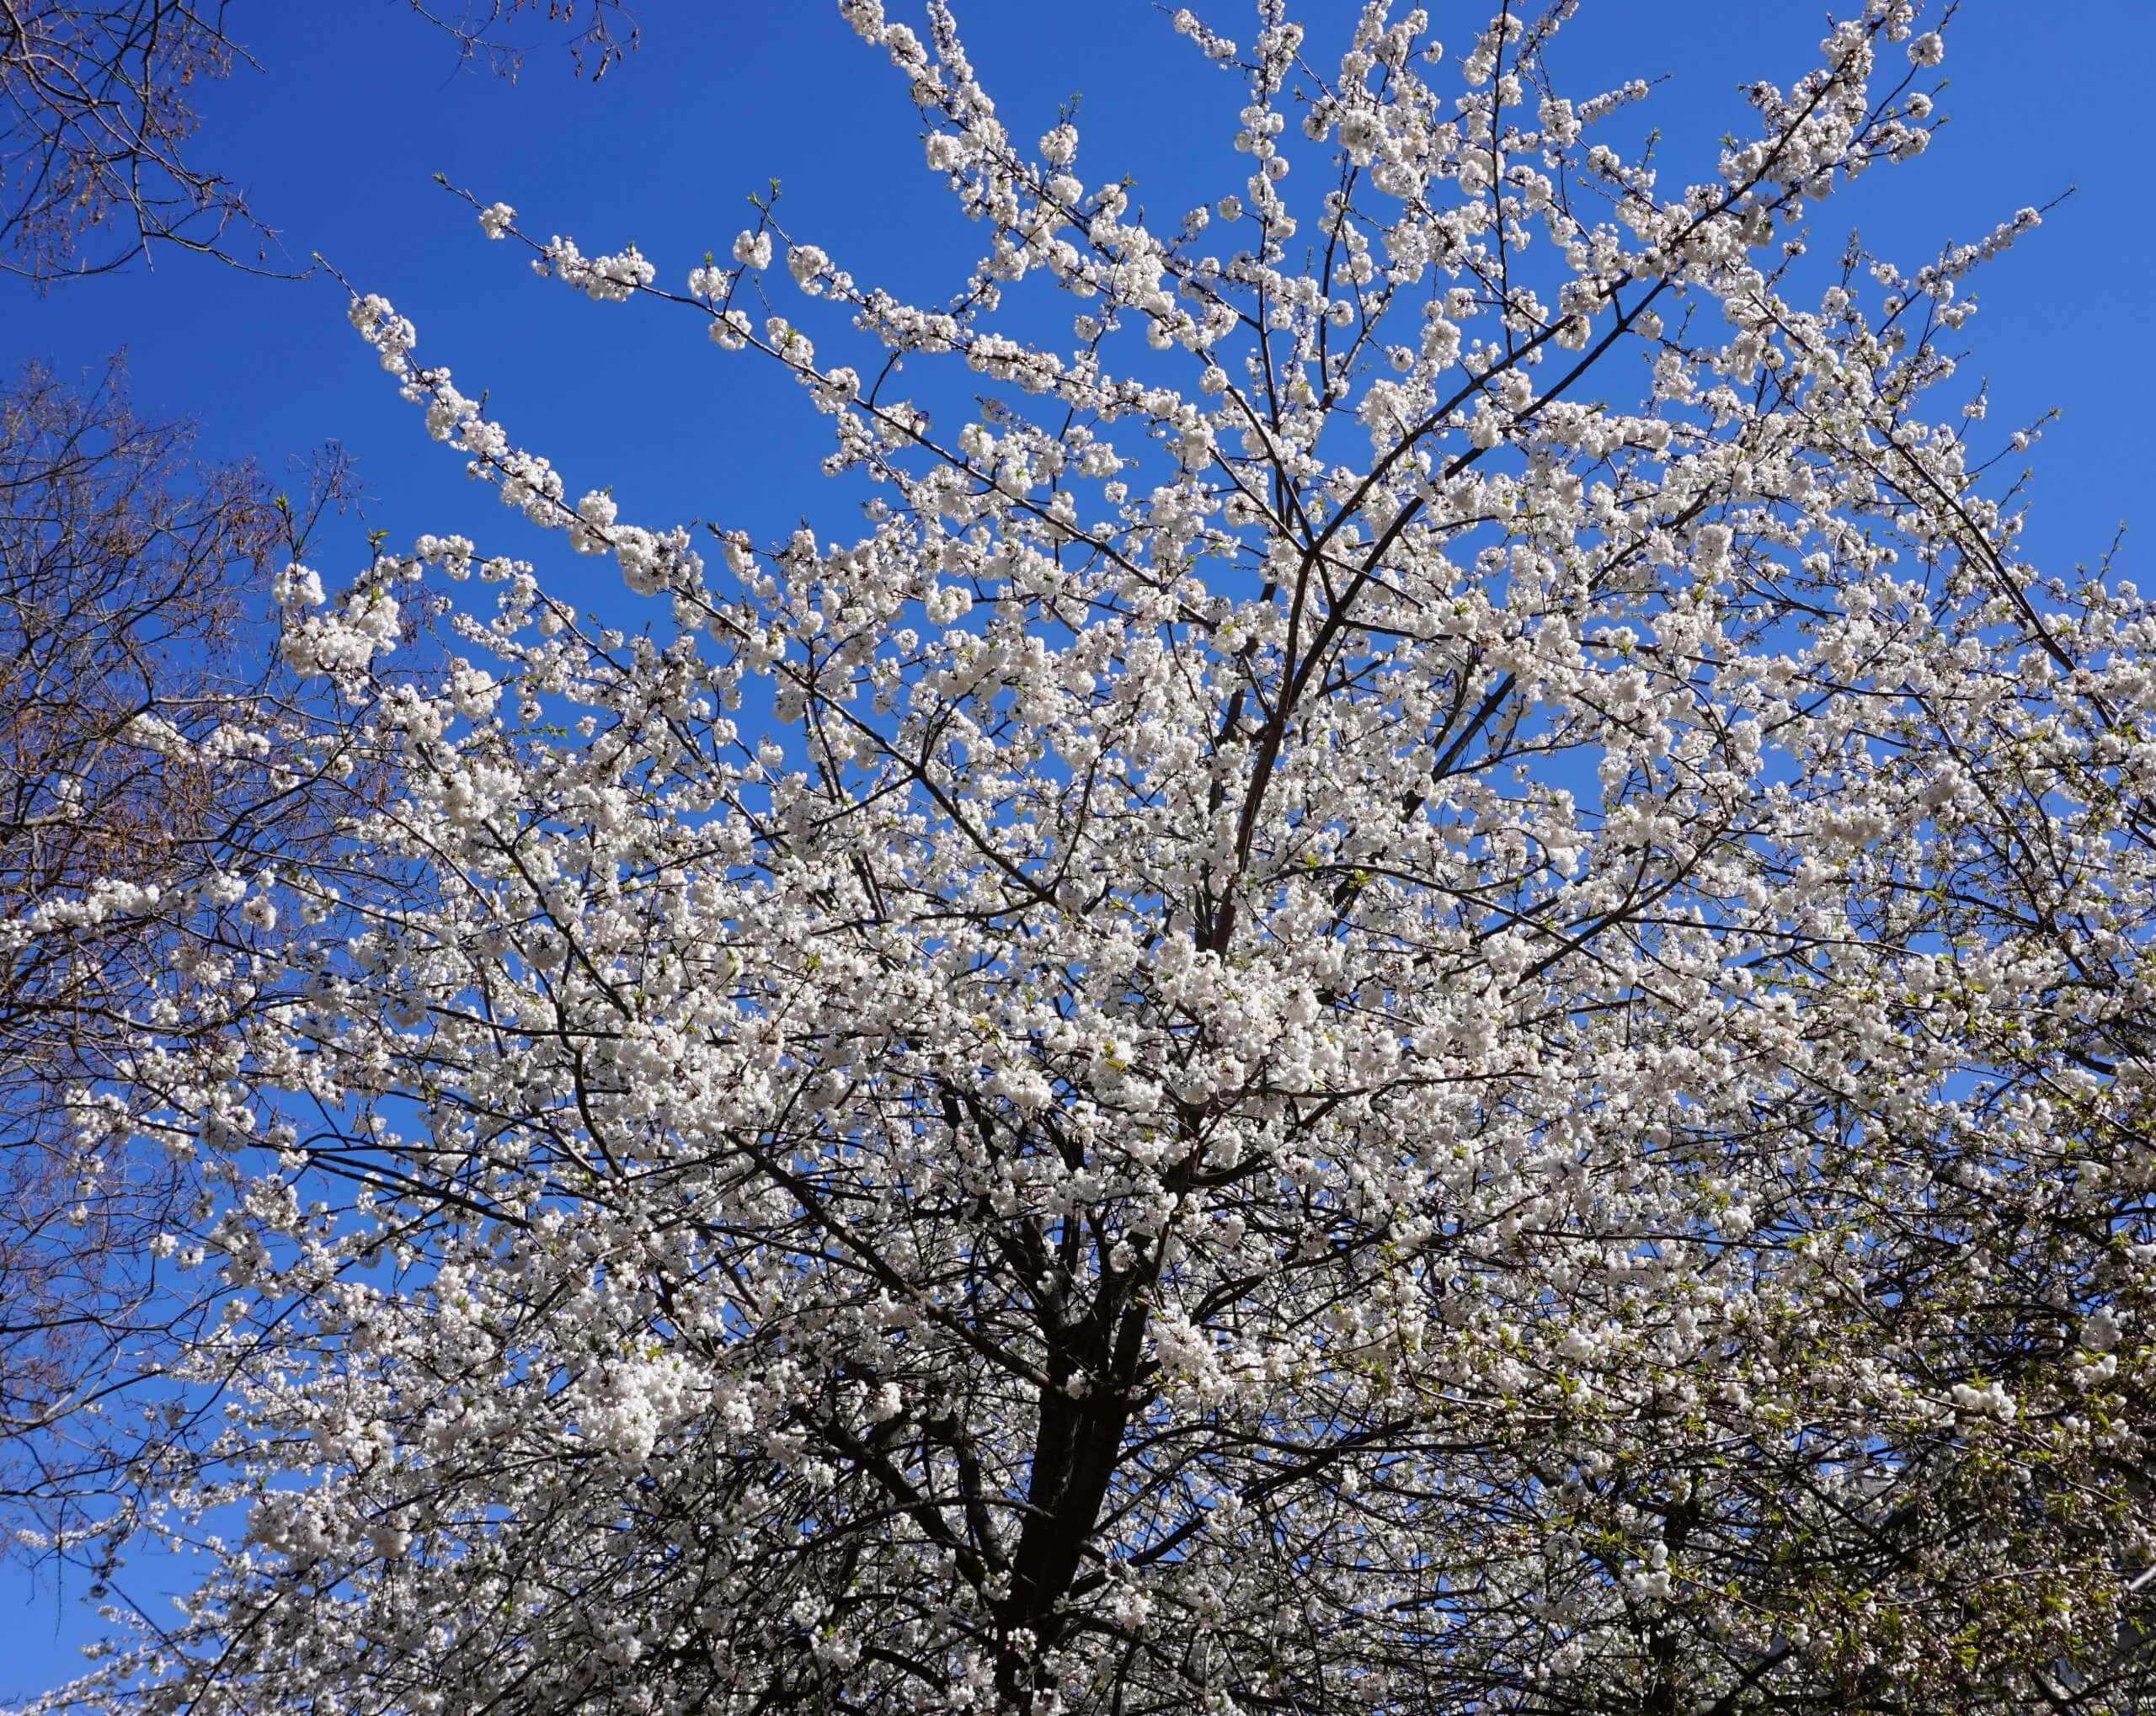 Das Bild zeigt eine dicht mit gefüllten weißen Blüten besetzte Krone einer Grannenkirsche bzw. Japanischen Blütenkirsche im Kosmosviertel, April 2021.